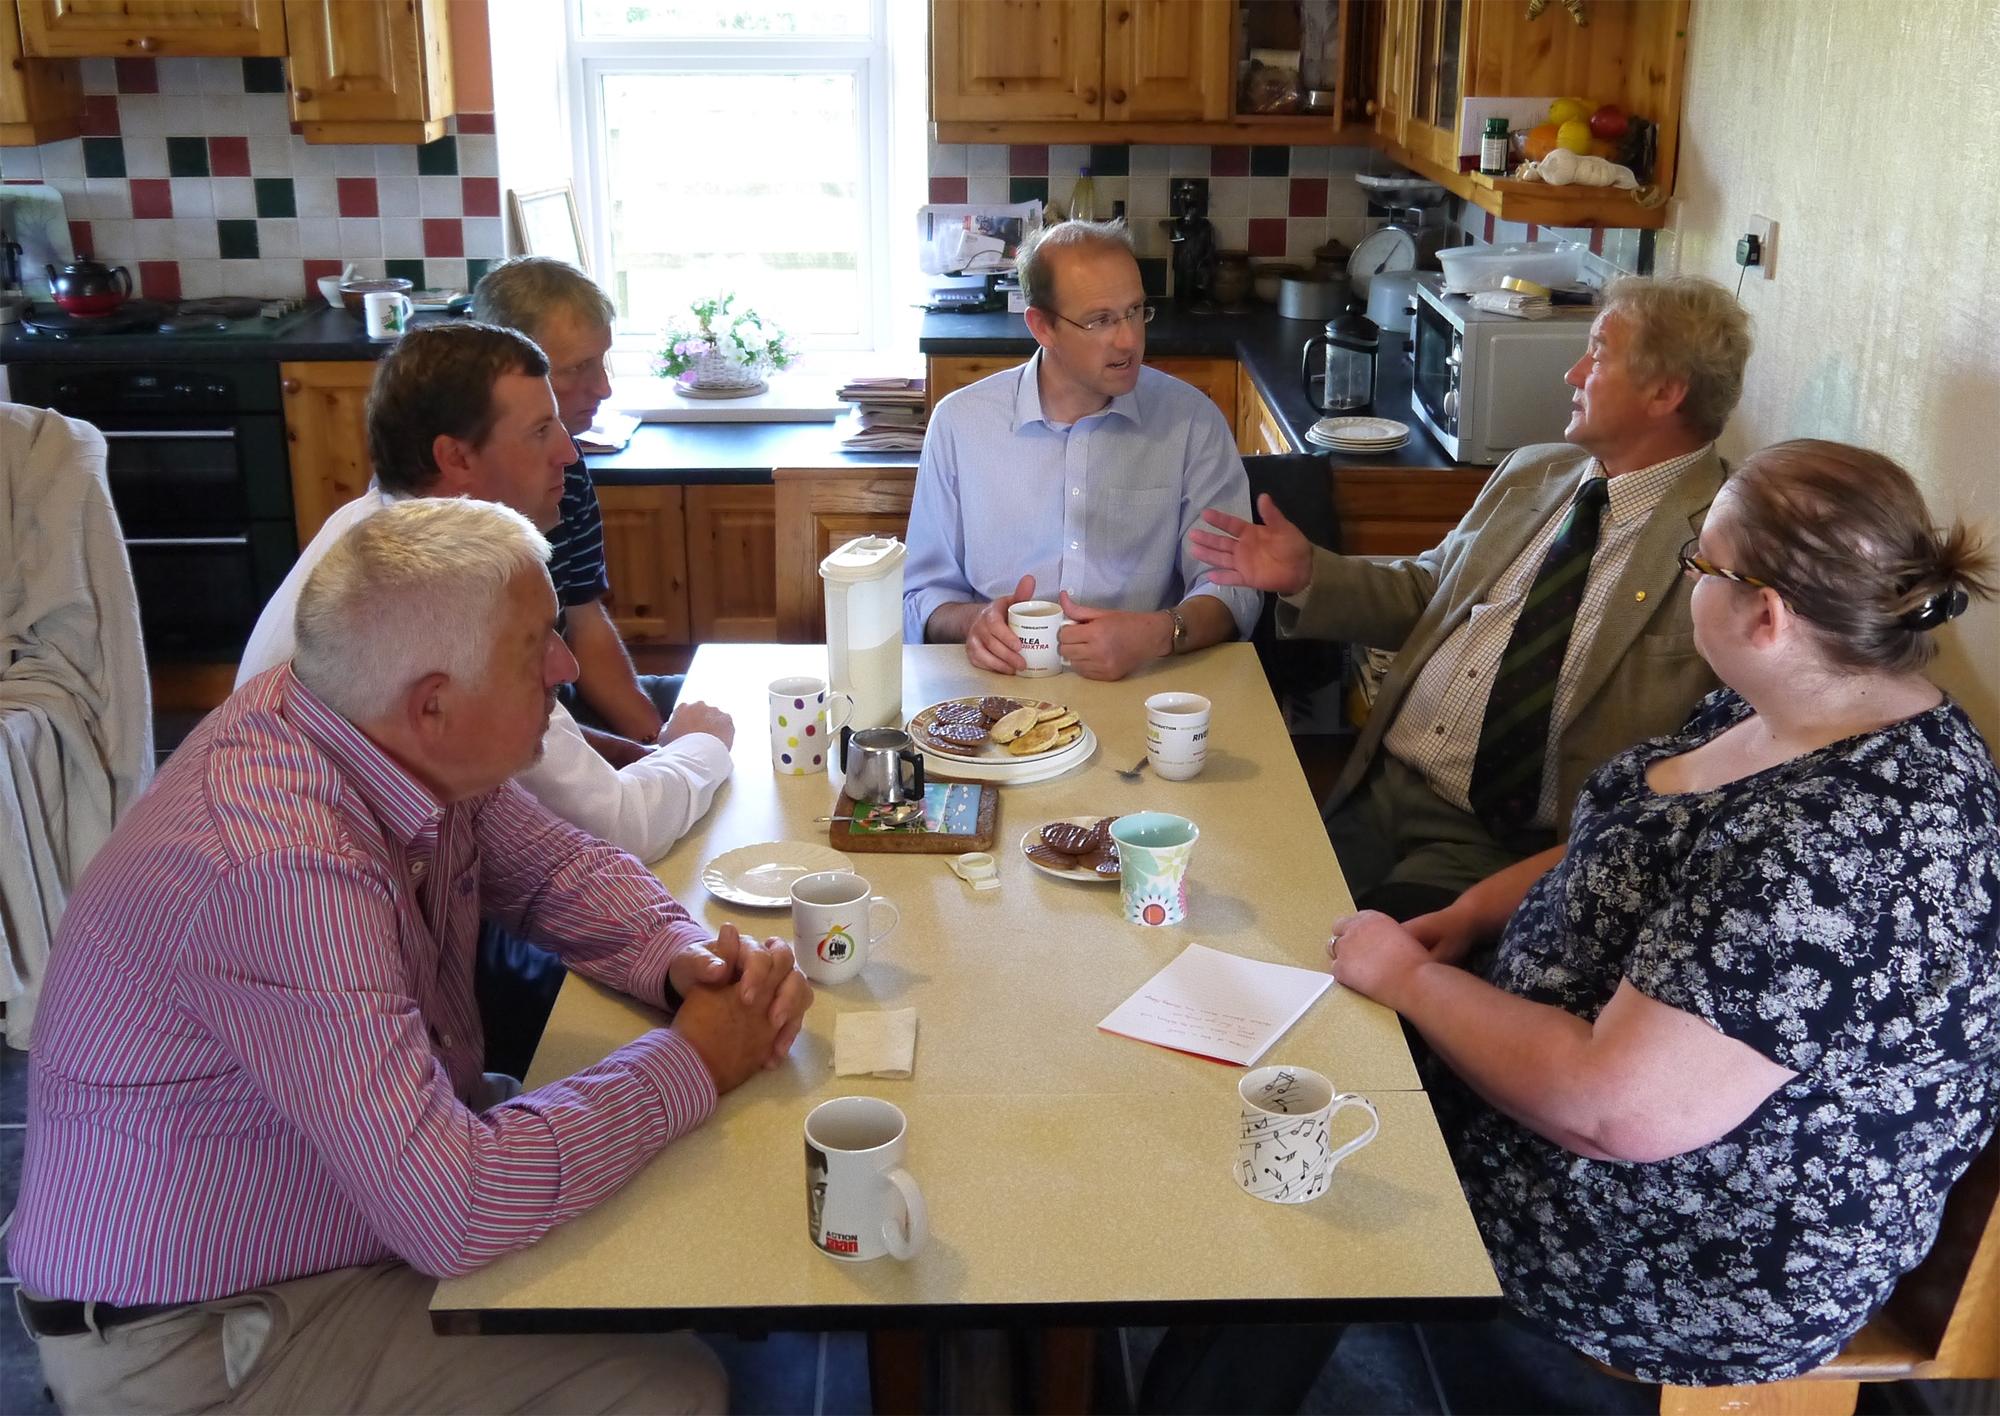 Jonathan Edwards, Llyr Huws Gryffydd meeting the FUW.